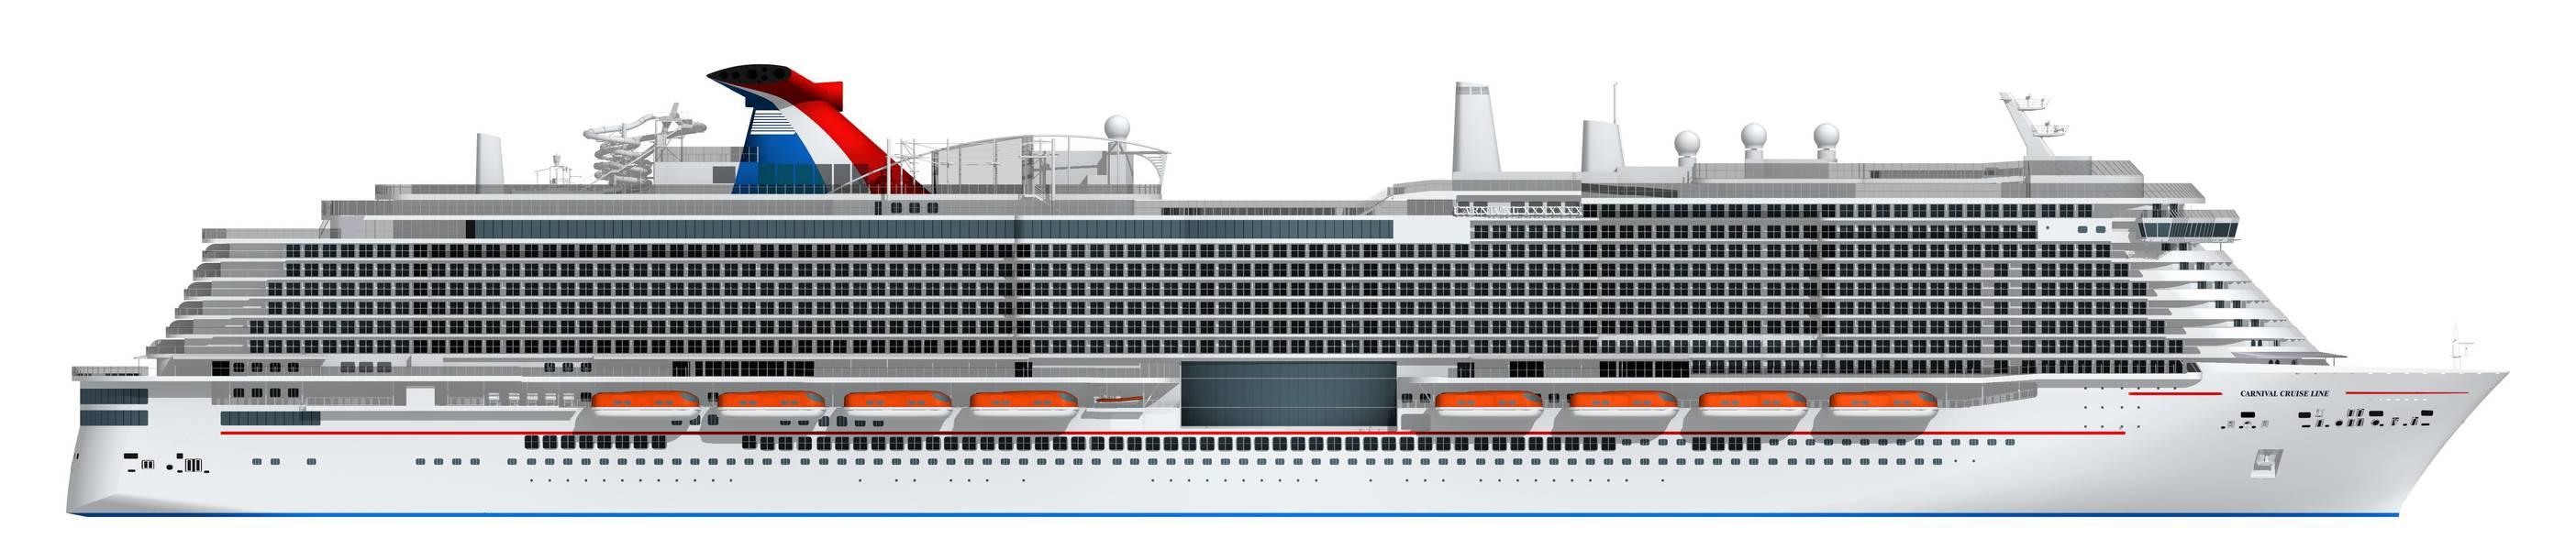 Carnivalの新しい18万トン船にLNG(Image:Carnival Cruise Line)を搭載したアーティストのレンダリング